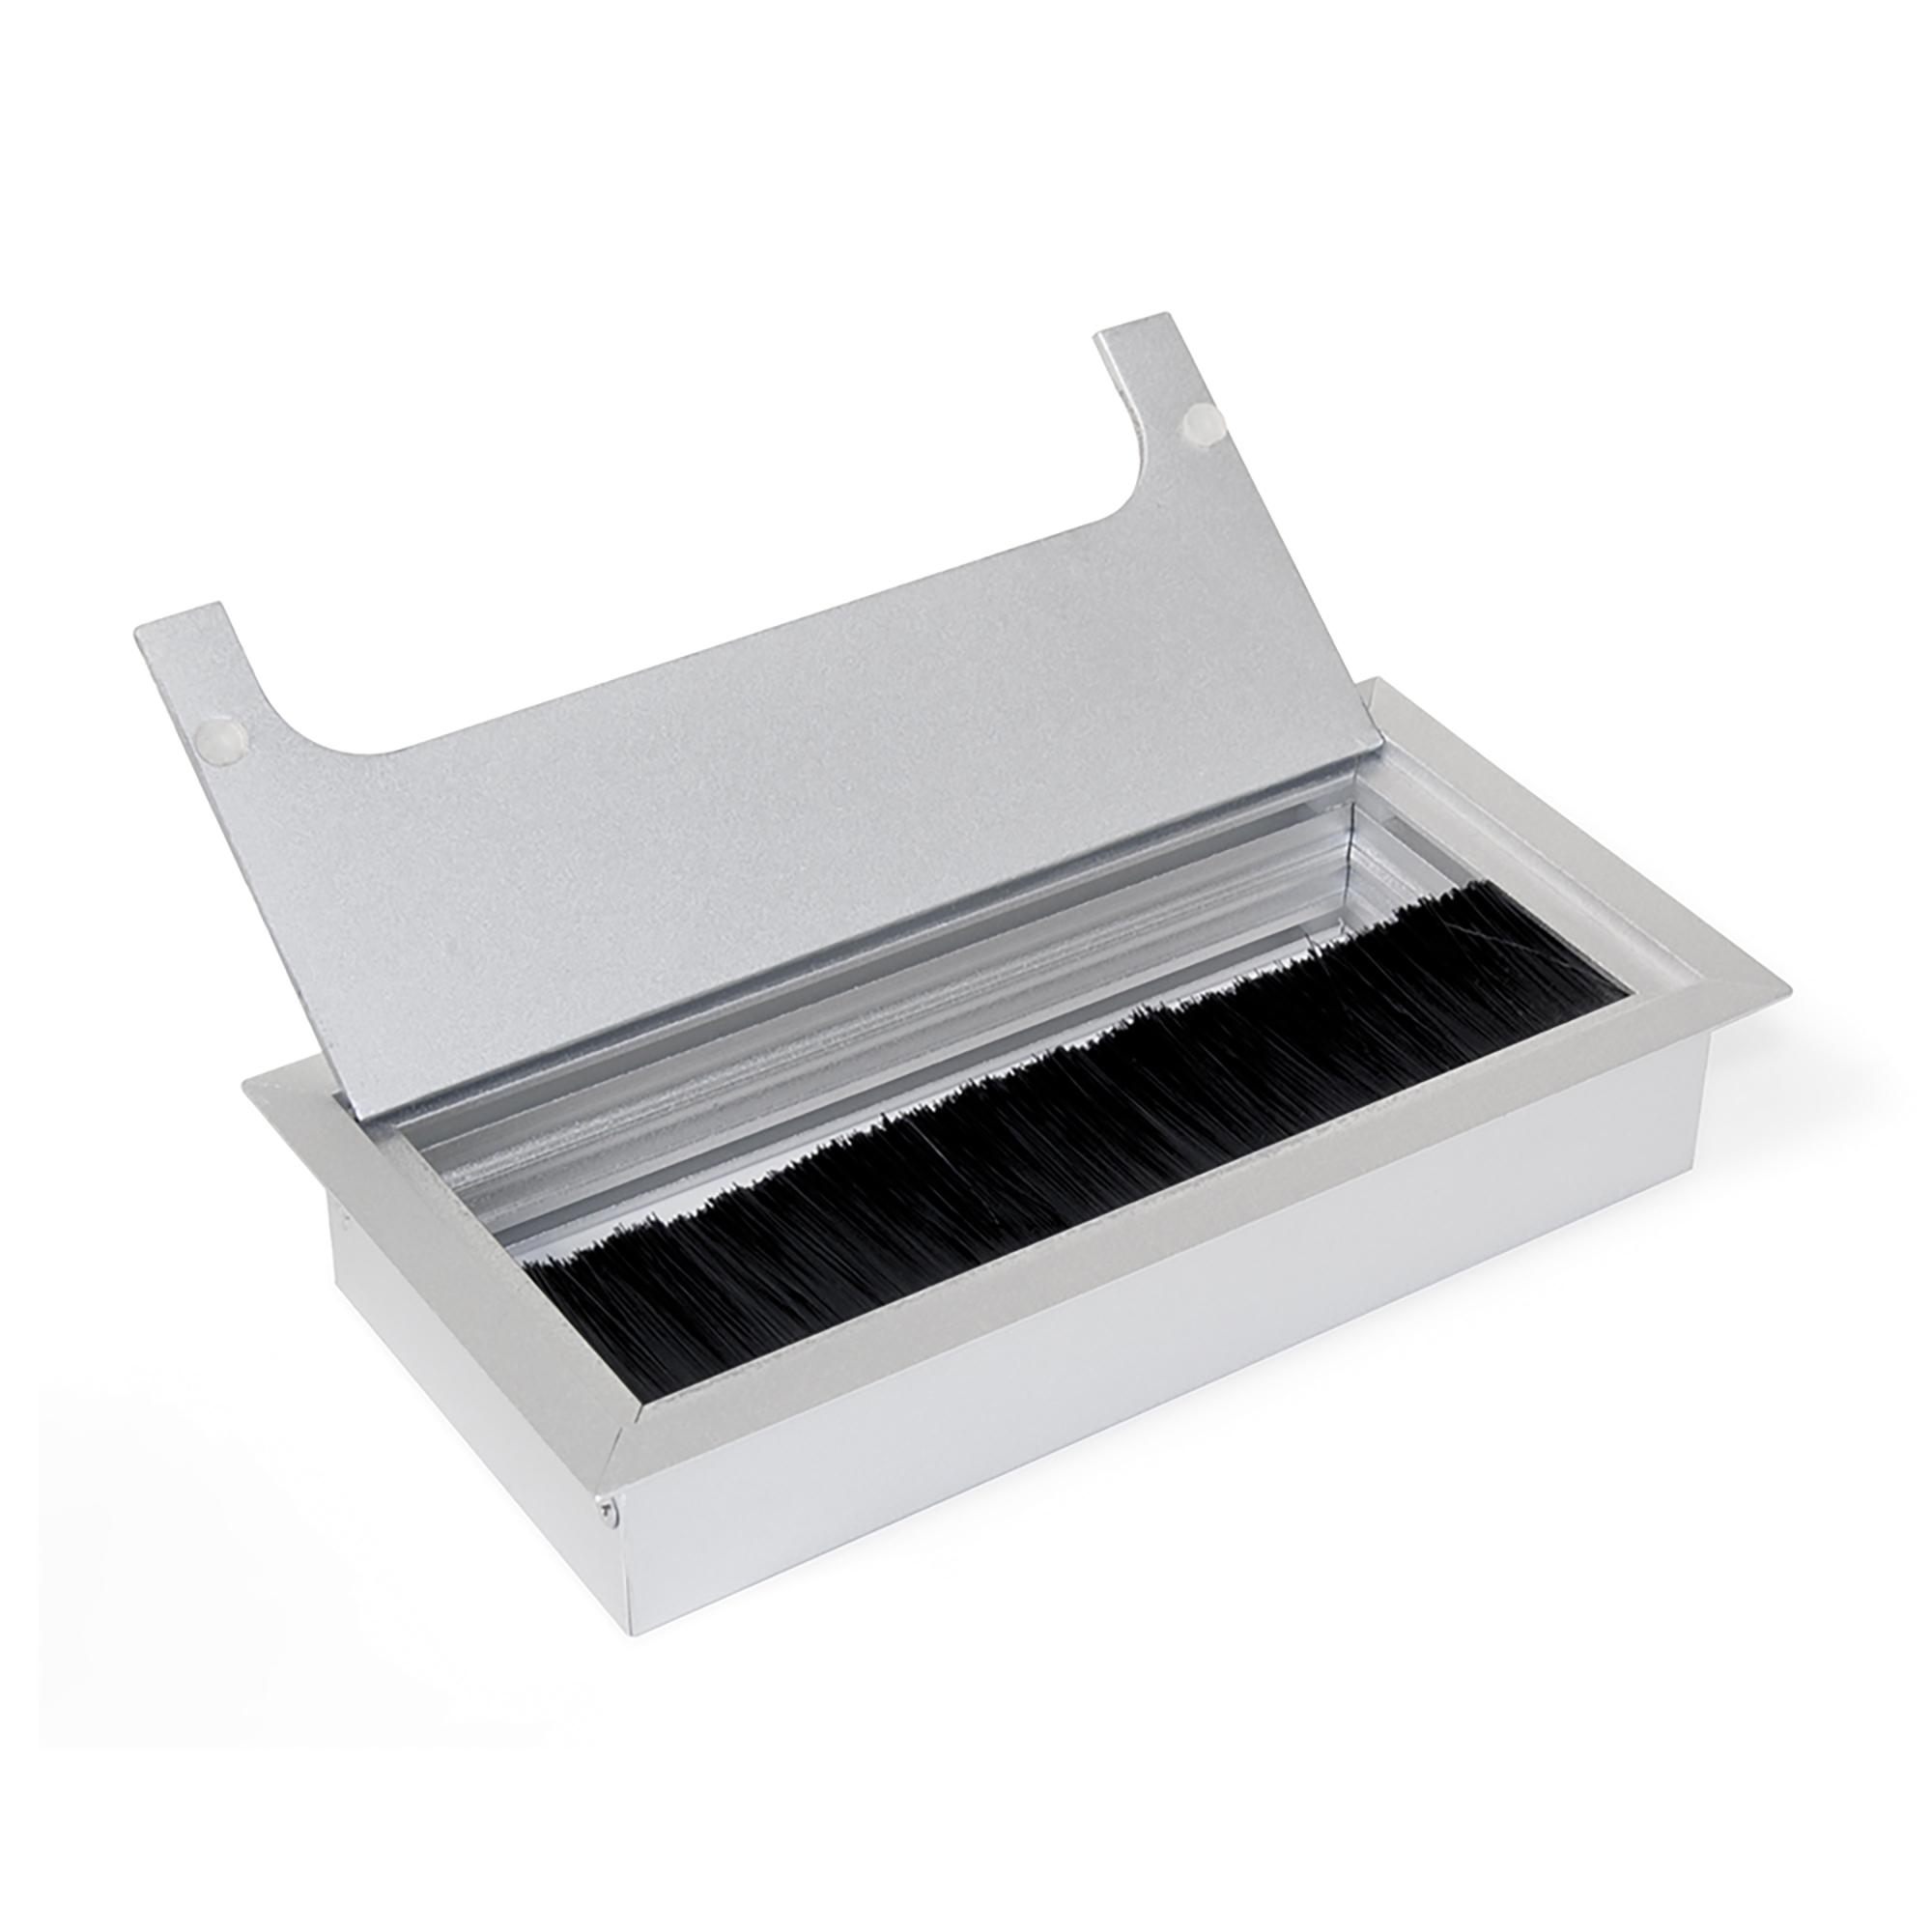 Emuca Passacavi da tavolo, rettangolare, 269 x 80 mm, a incasso, Alluminio, Anodizzato opaco